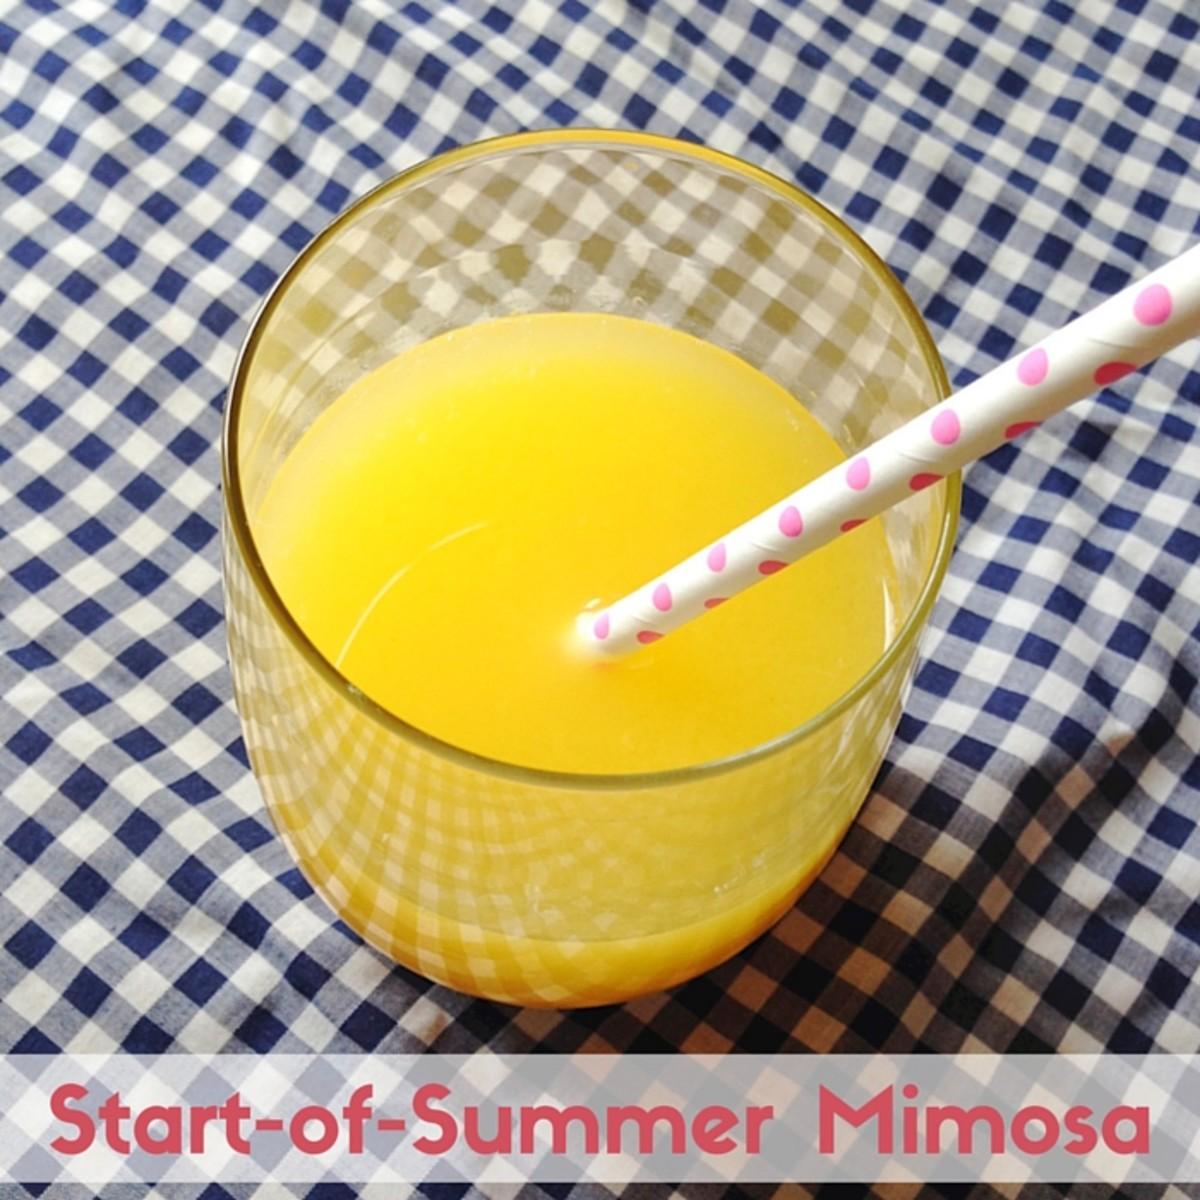 Start-of-Summer Mimosa